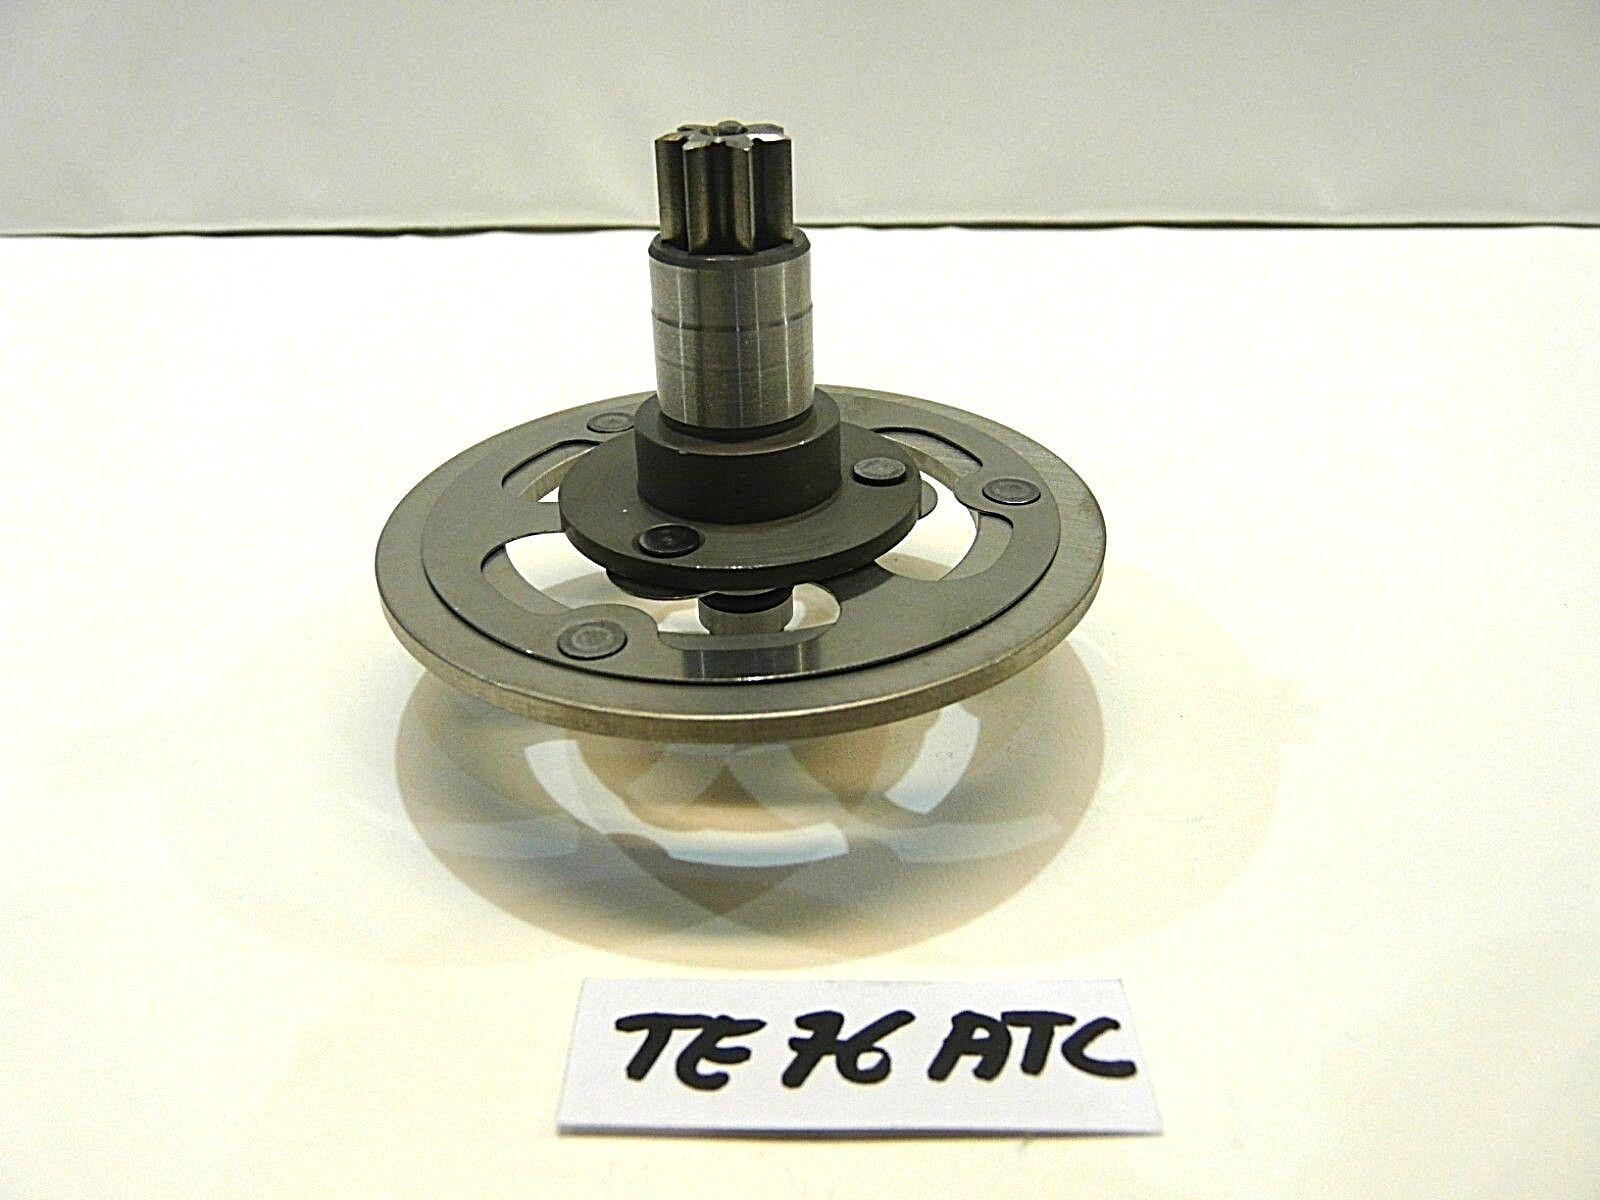 Ritzel Komplett   für Hilti  TE 76 ATC       ( 330503.96)